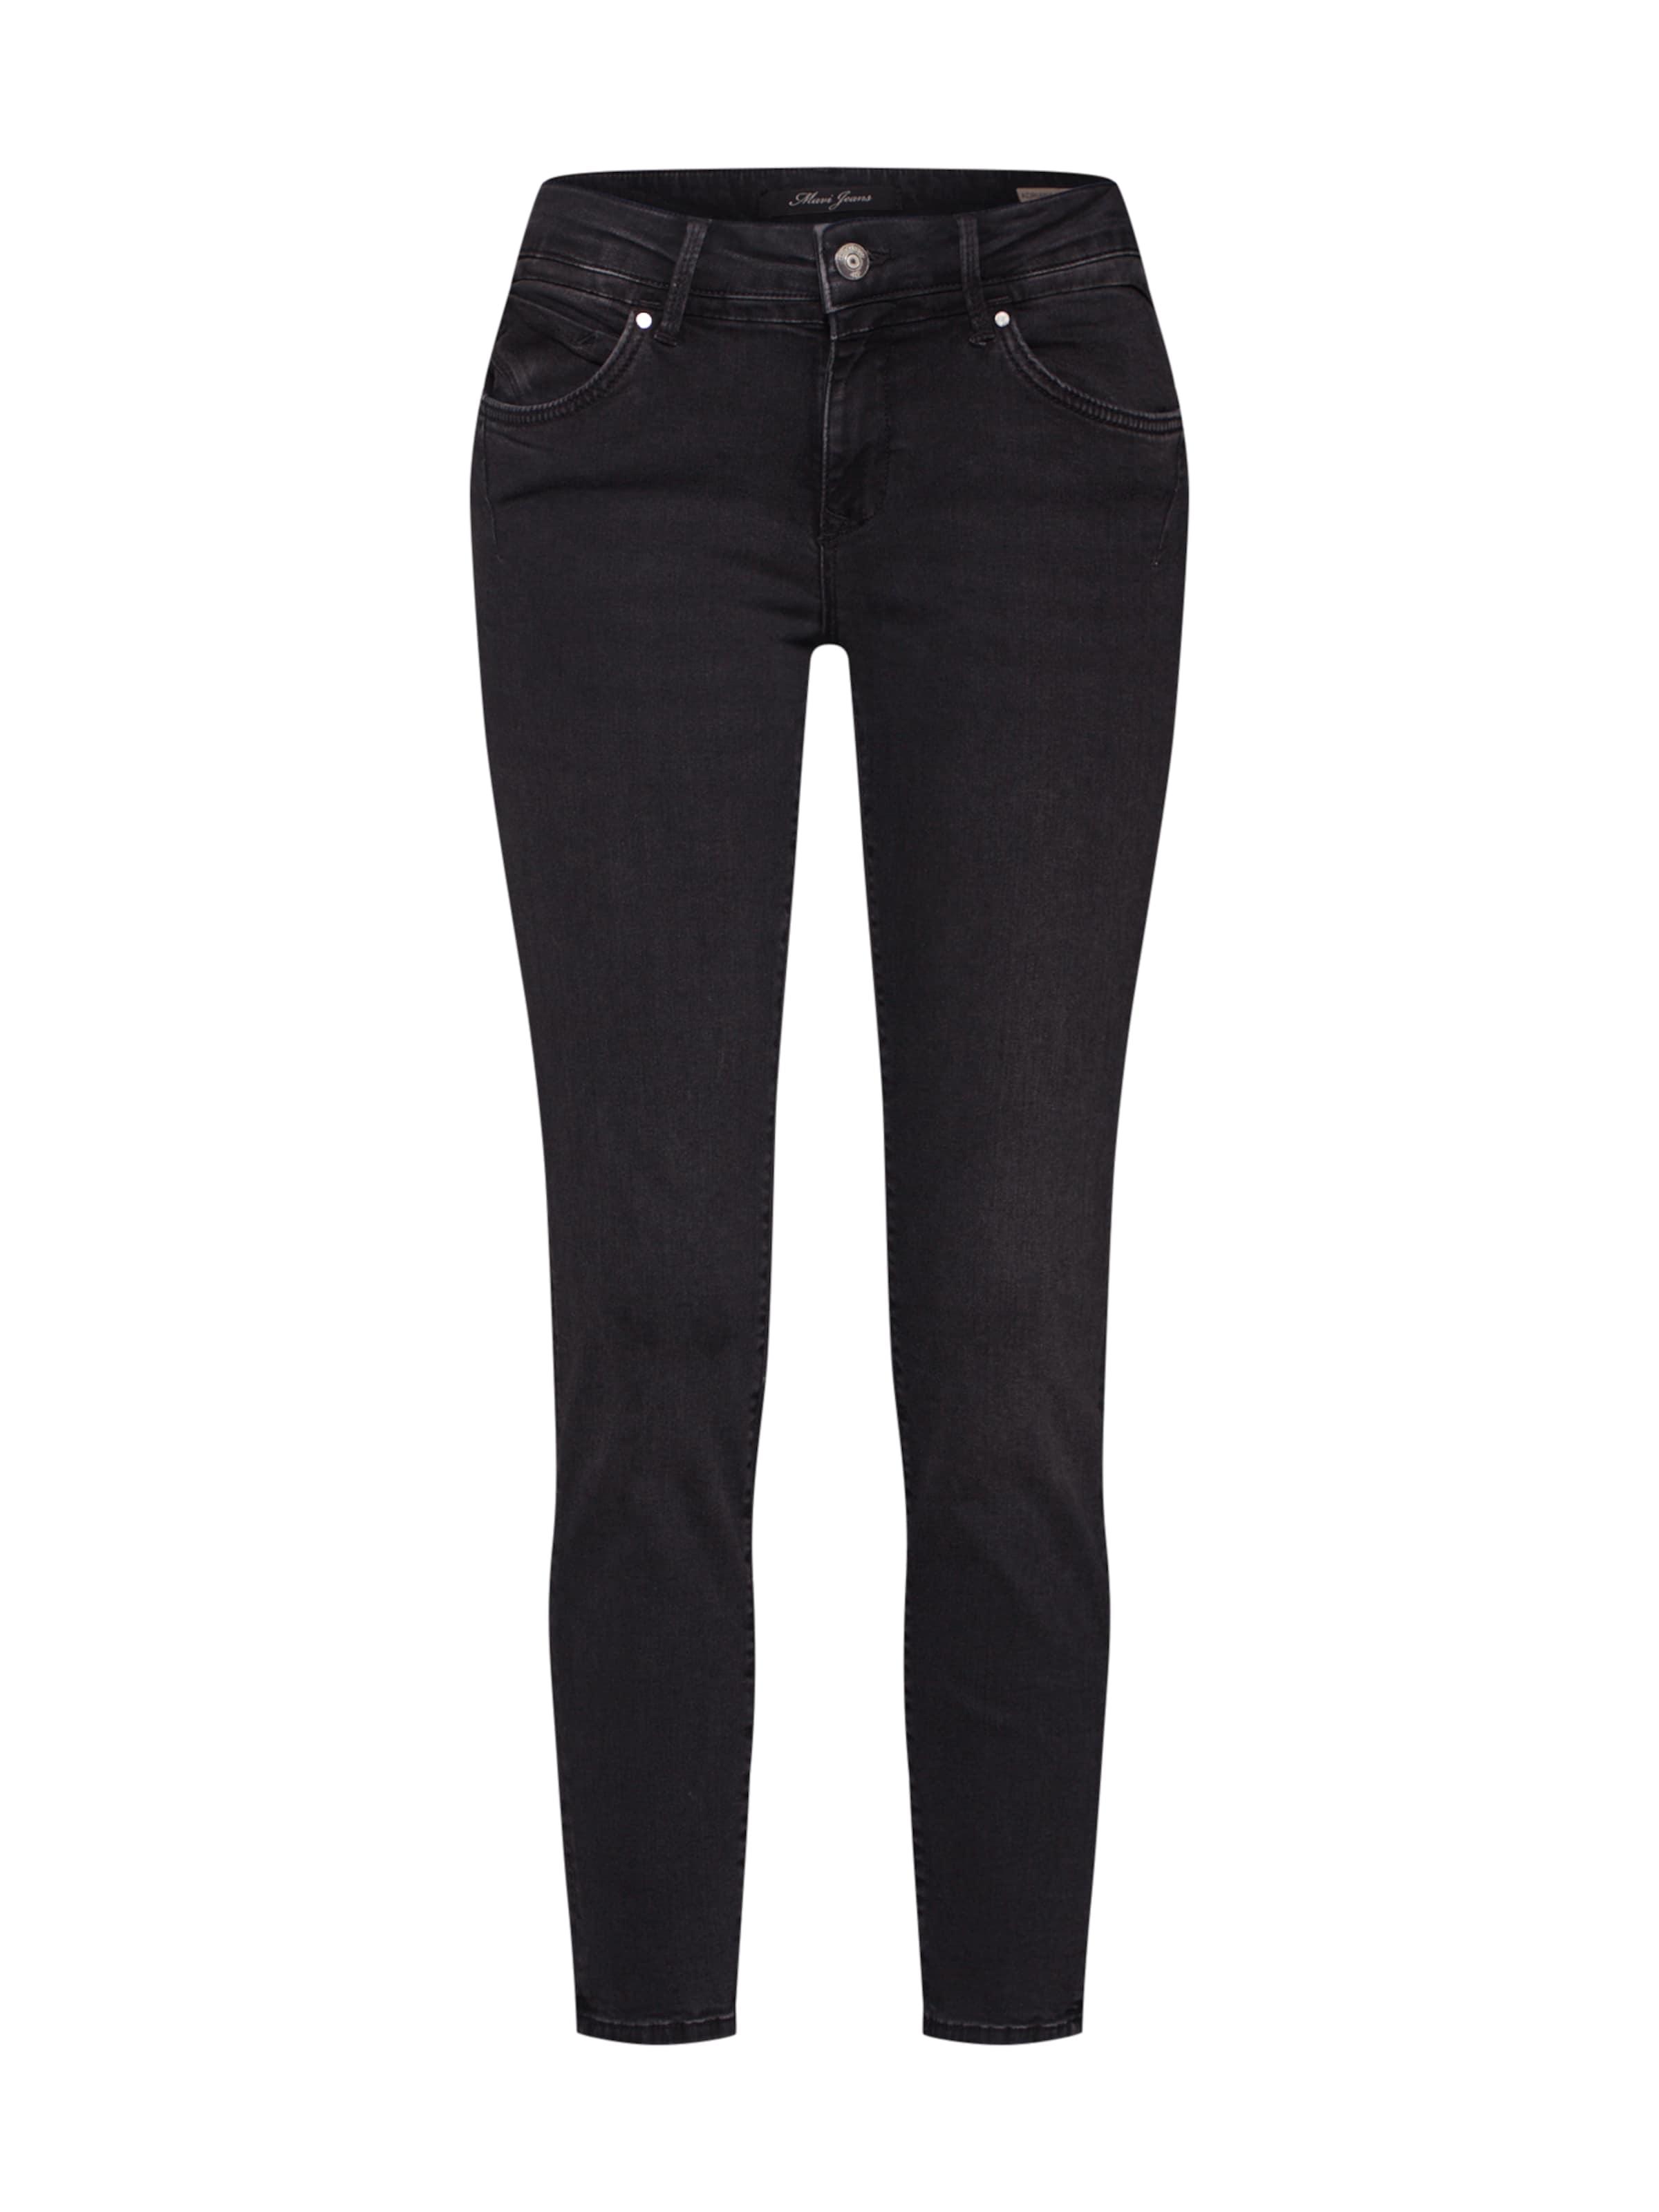 Mavi 'adriana' Denim Black Jeans In HW9E2DI